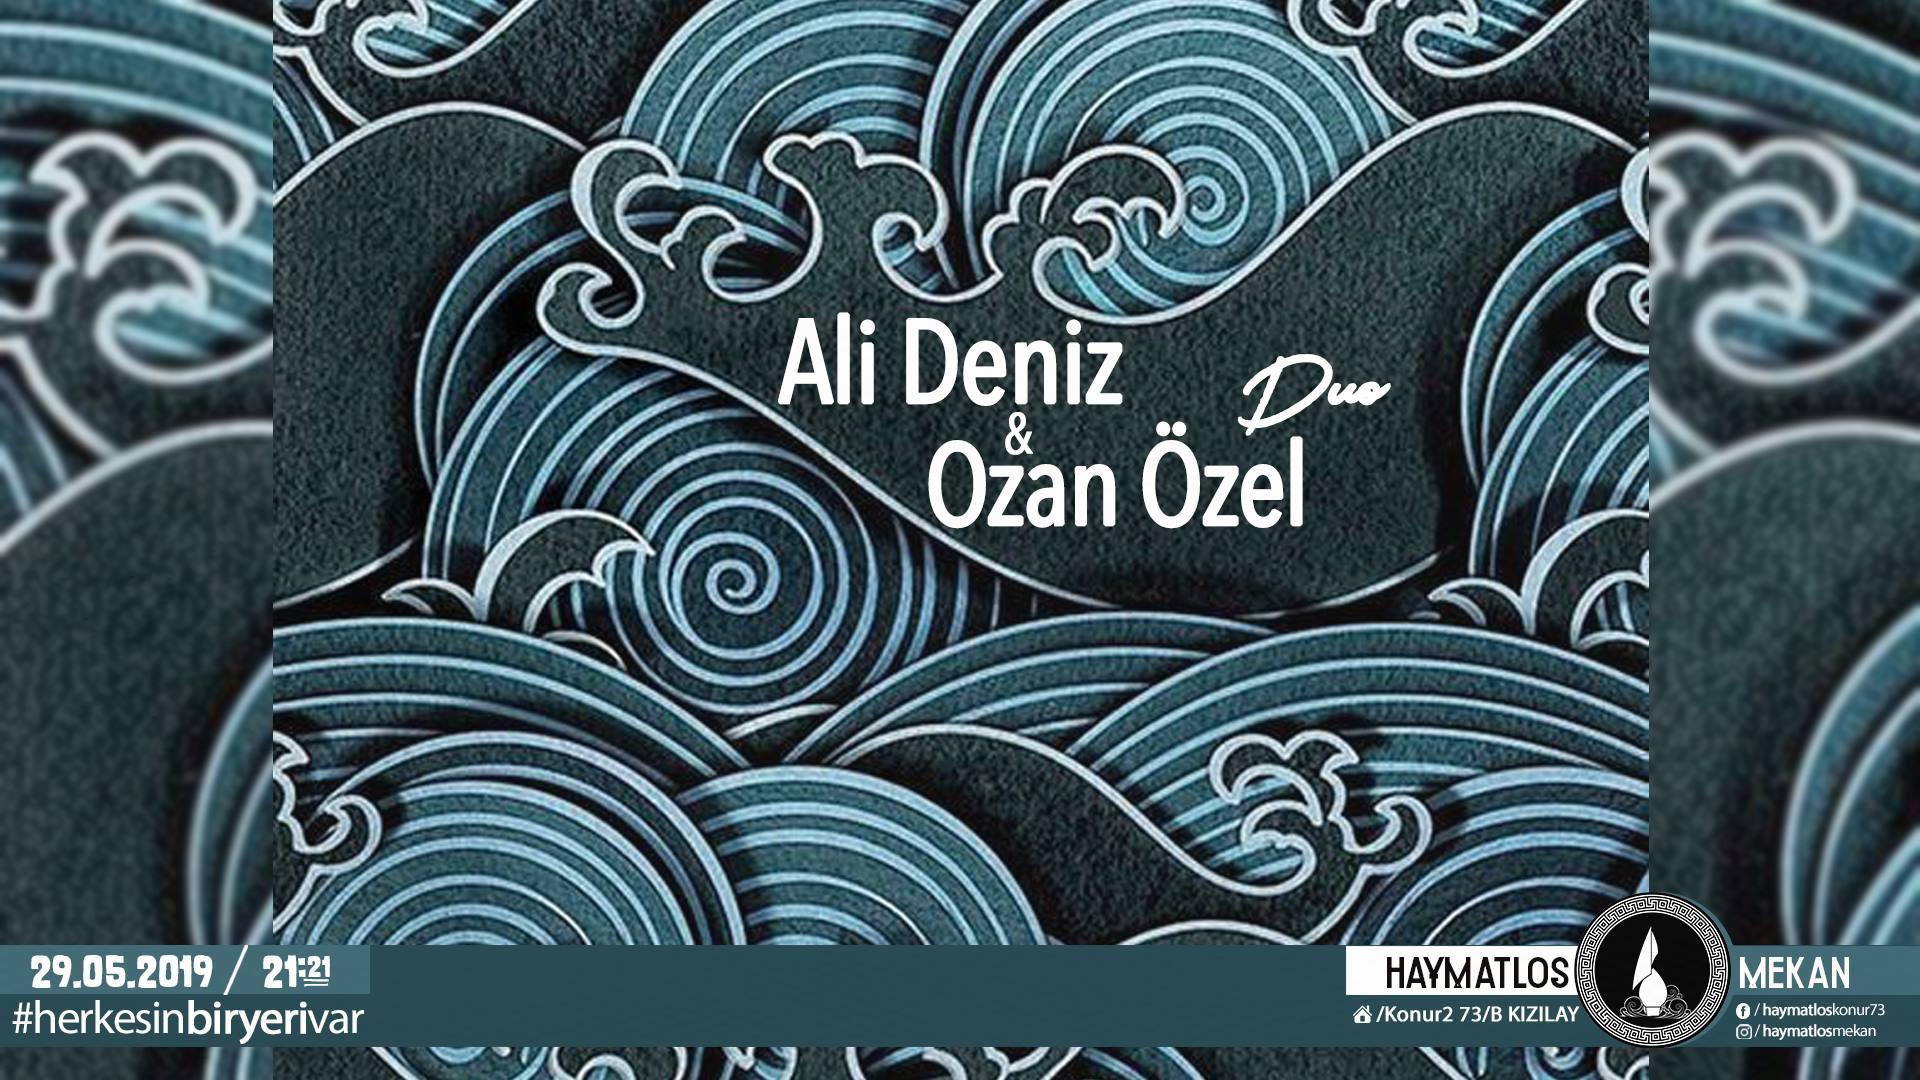 Ali Deniz & Ozan Özel Duo